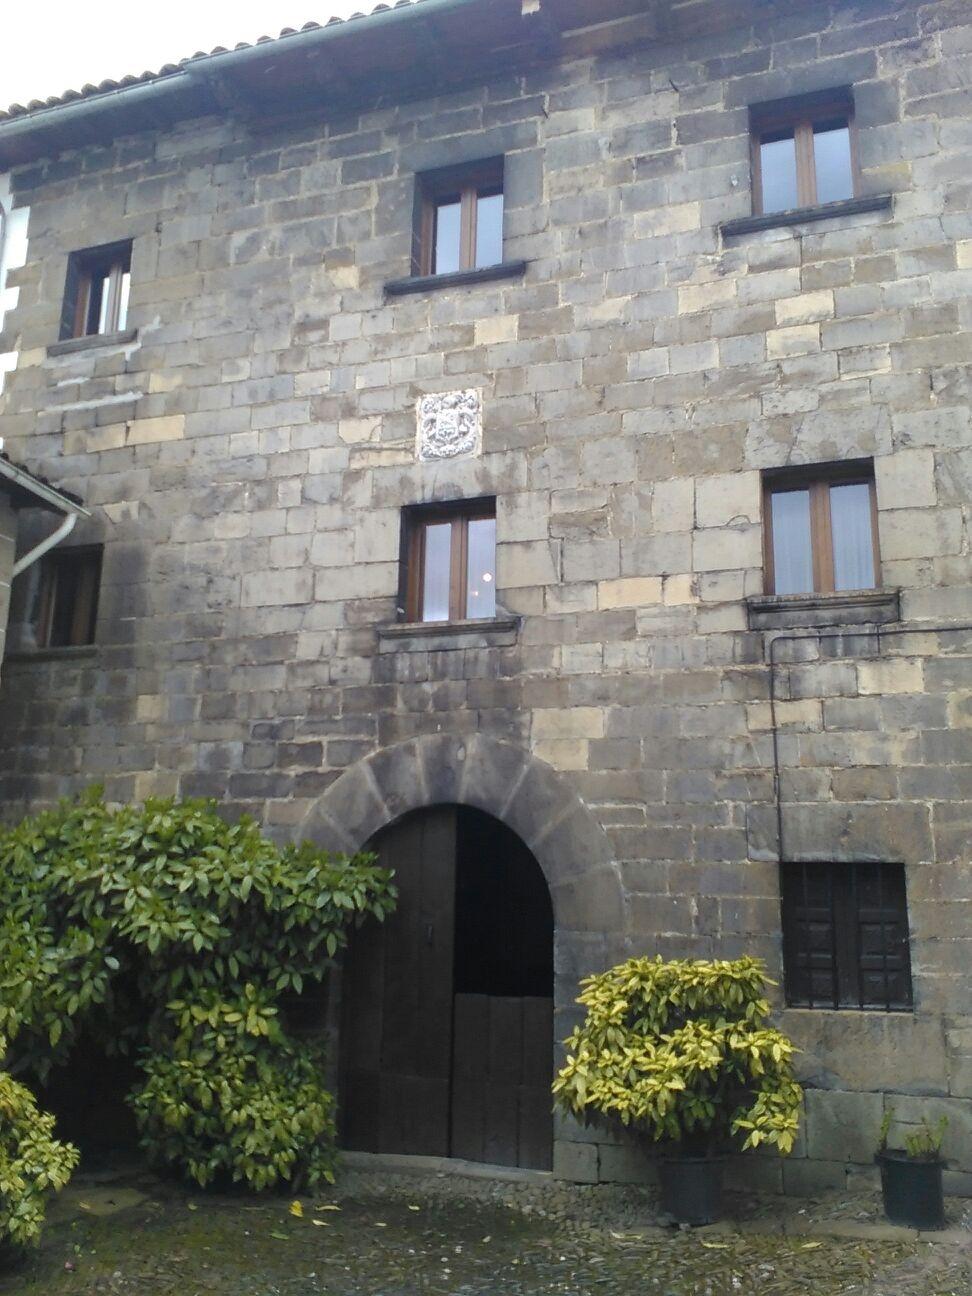 Havia nascut el 1660 a la casa Paeztegui d'Espartza, a la vall navarresa de Salazar.